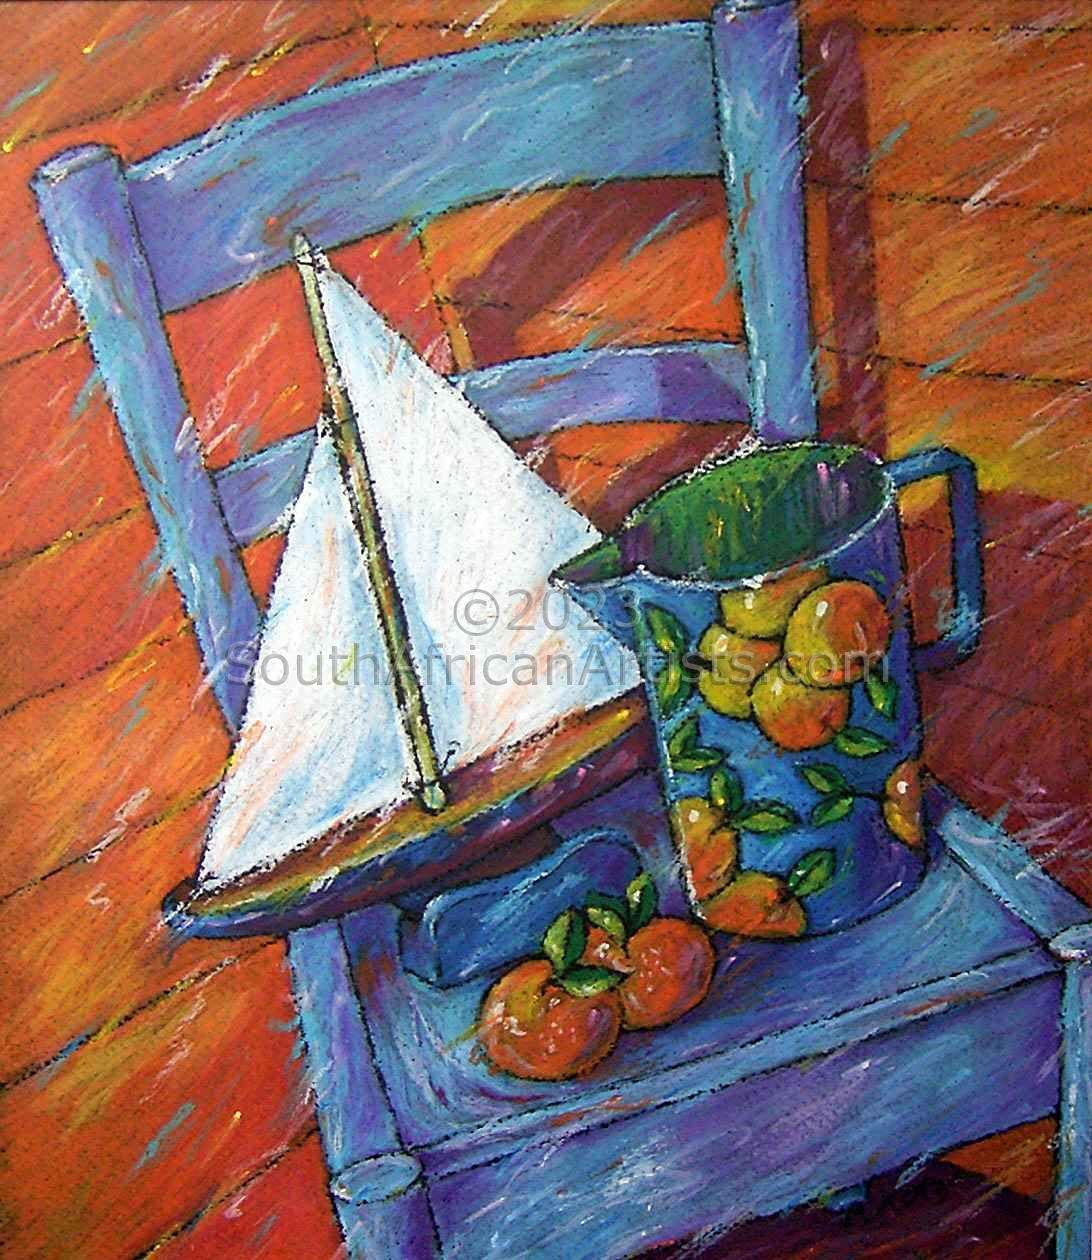 Blue Chair & Oranges Vivid Pastel